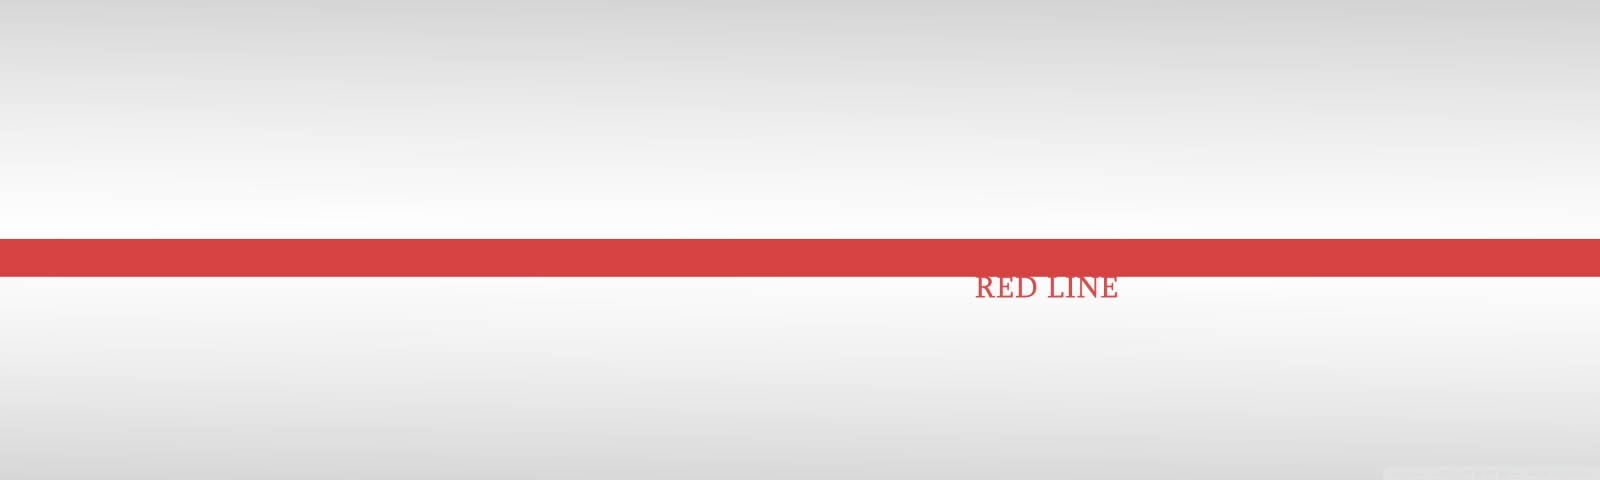 RED LINE HD desktop wallpaper : Widescreen : High Definition